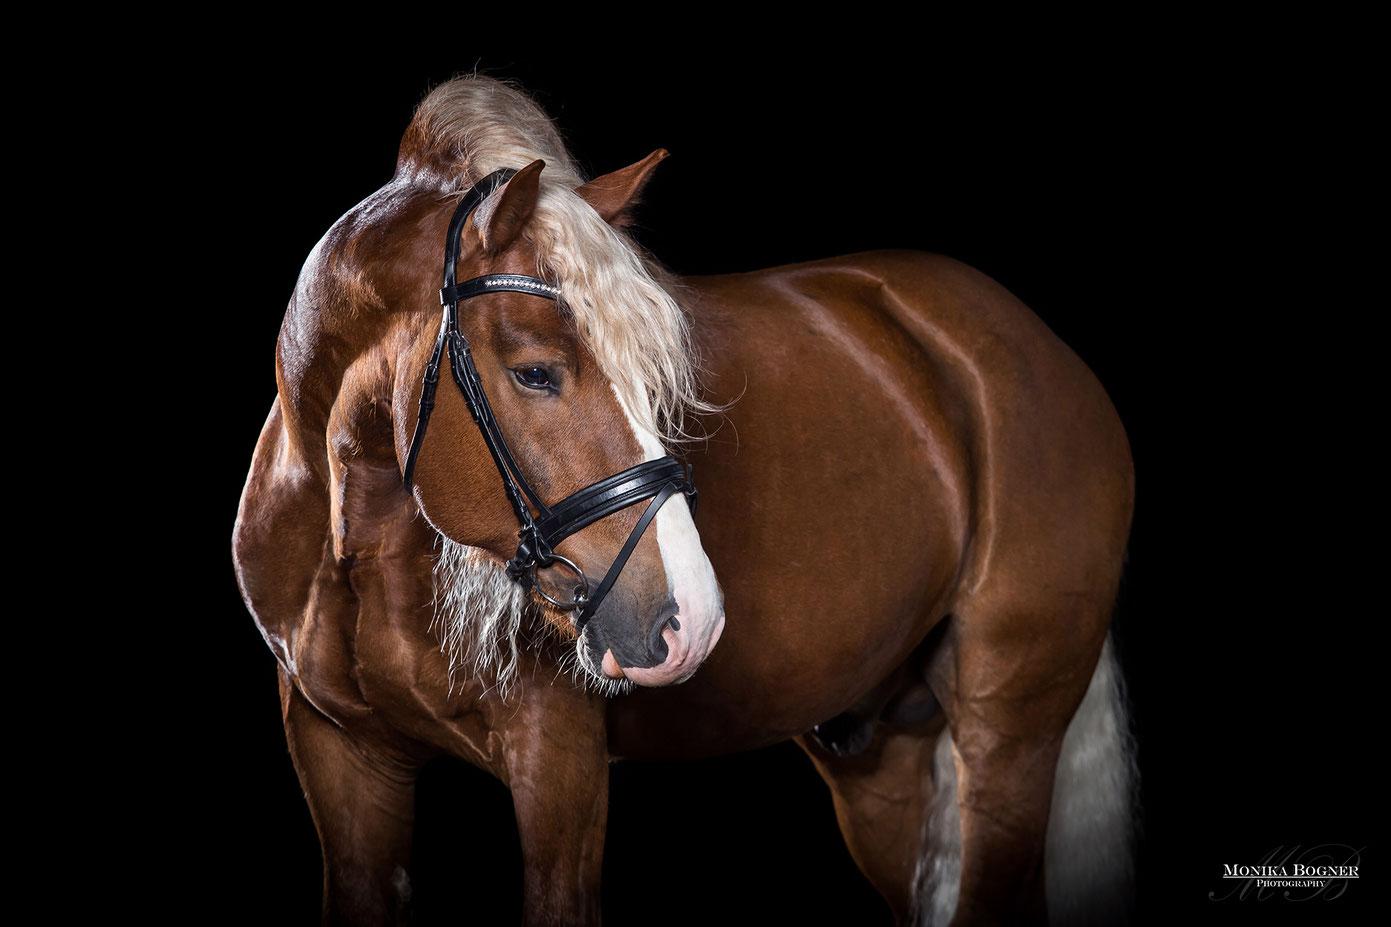 Kaltblut, Pferde im Studio, Pferde vor schwarzem Hintergrund, Pferdefotografie